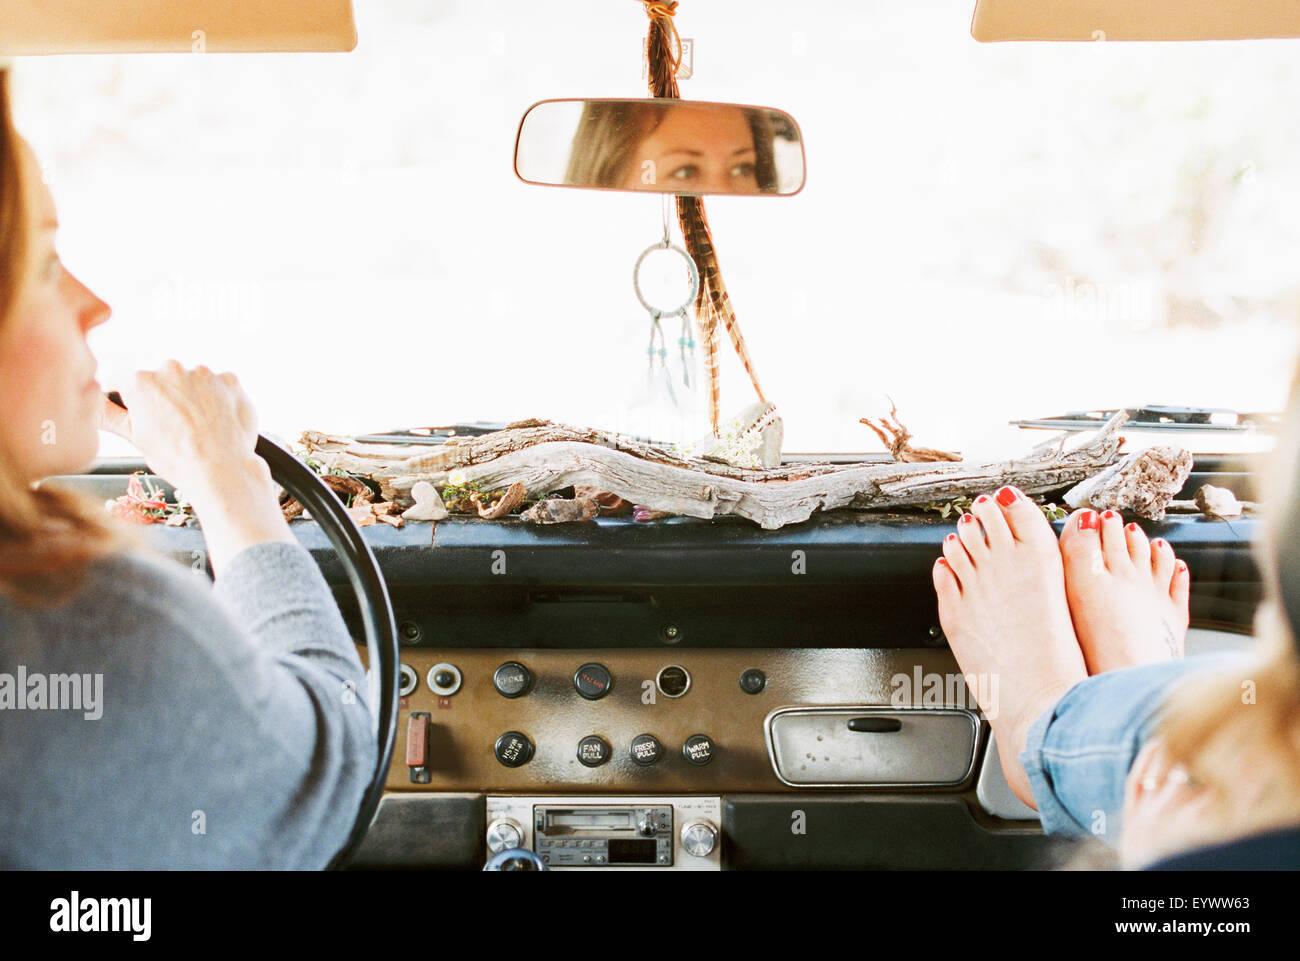 Una donna in appoggio il suo piedi nudi sul cruscotto di un 4x4, un viaggio con un'altra donna alla guida. Immagini Stock